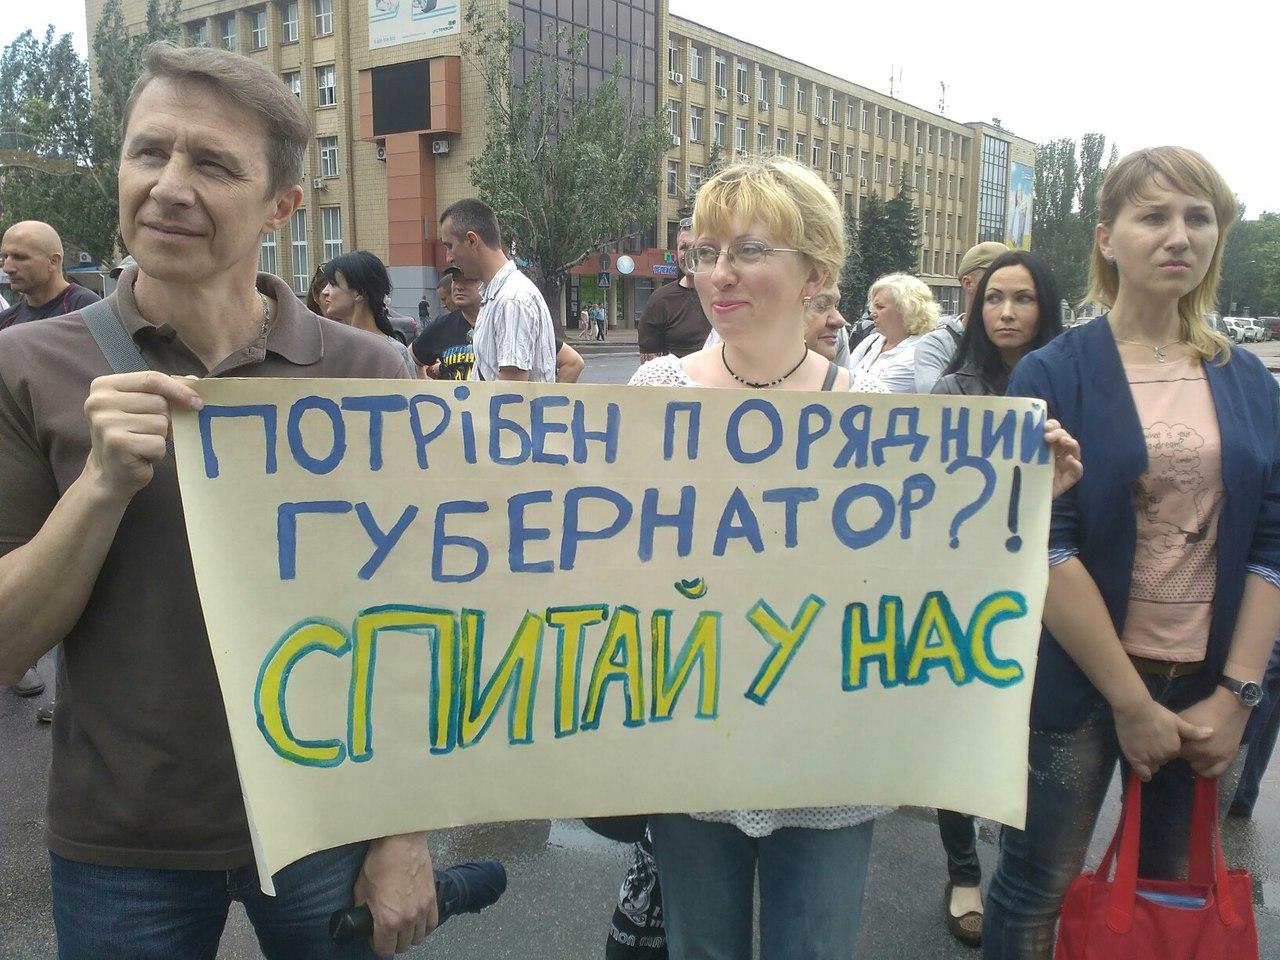 Goodbye МерікOFF: у Миколаєві вимагають від Порошенка звільнення голови ОДА - фото 2